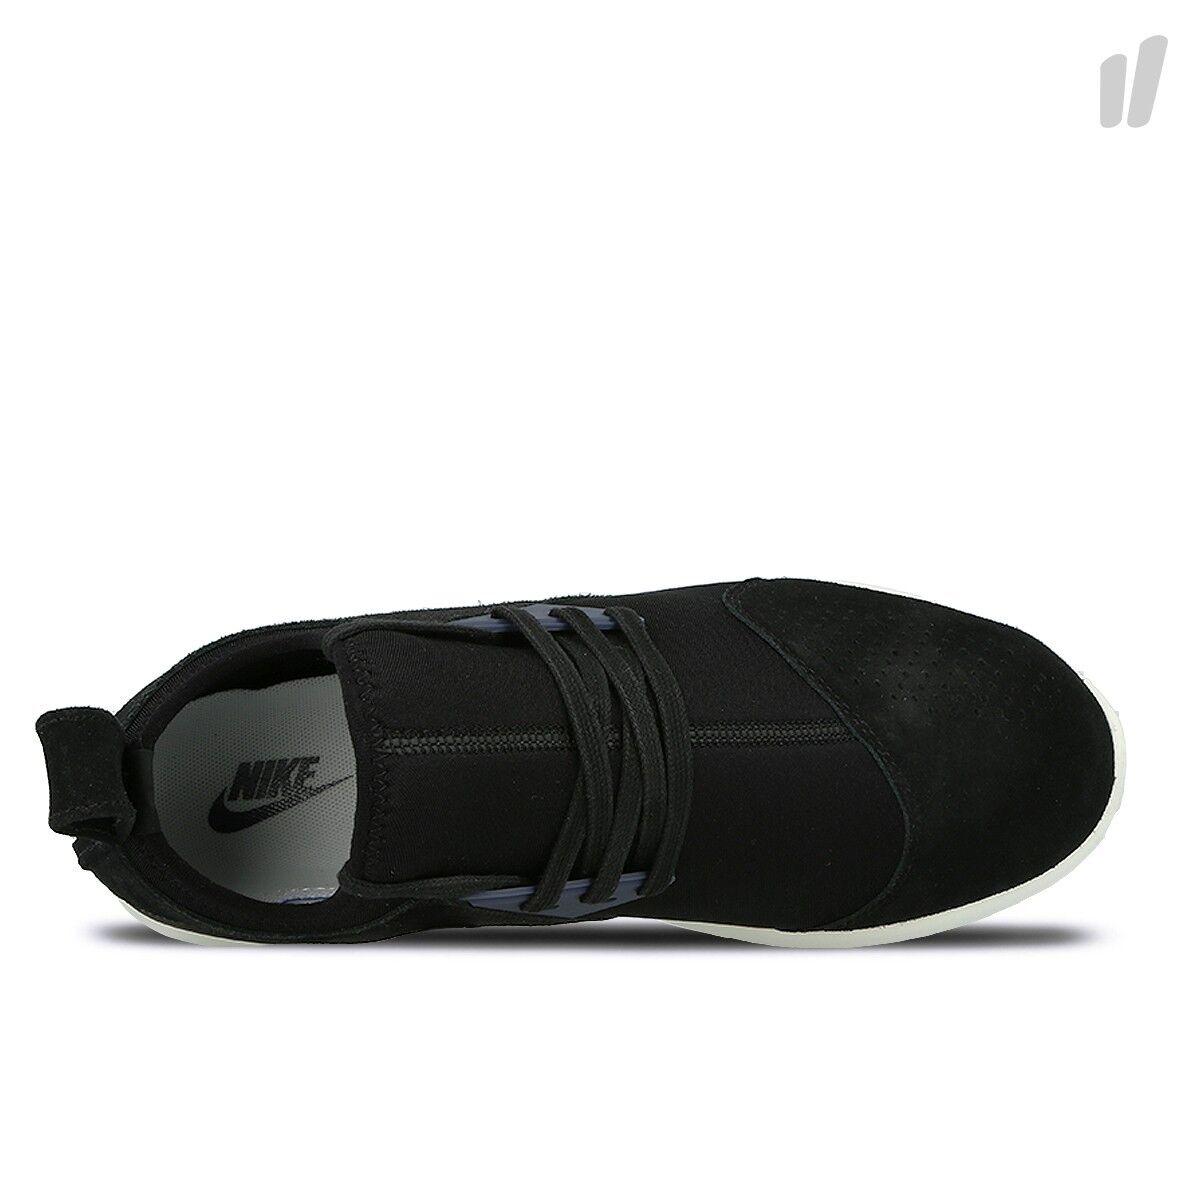 NIKE LUNARCHARGE PREMIUM Trainers Suede Gym Casual noir Fashion noir Casual - Various Tailles ec65c8